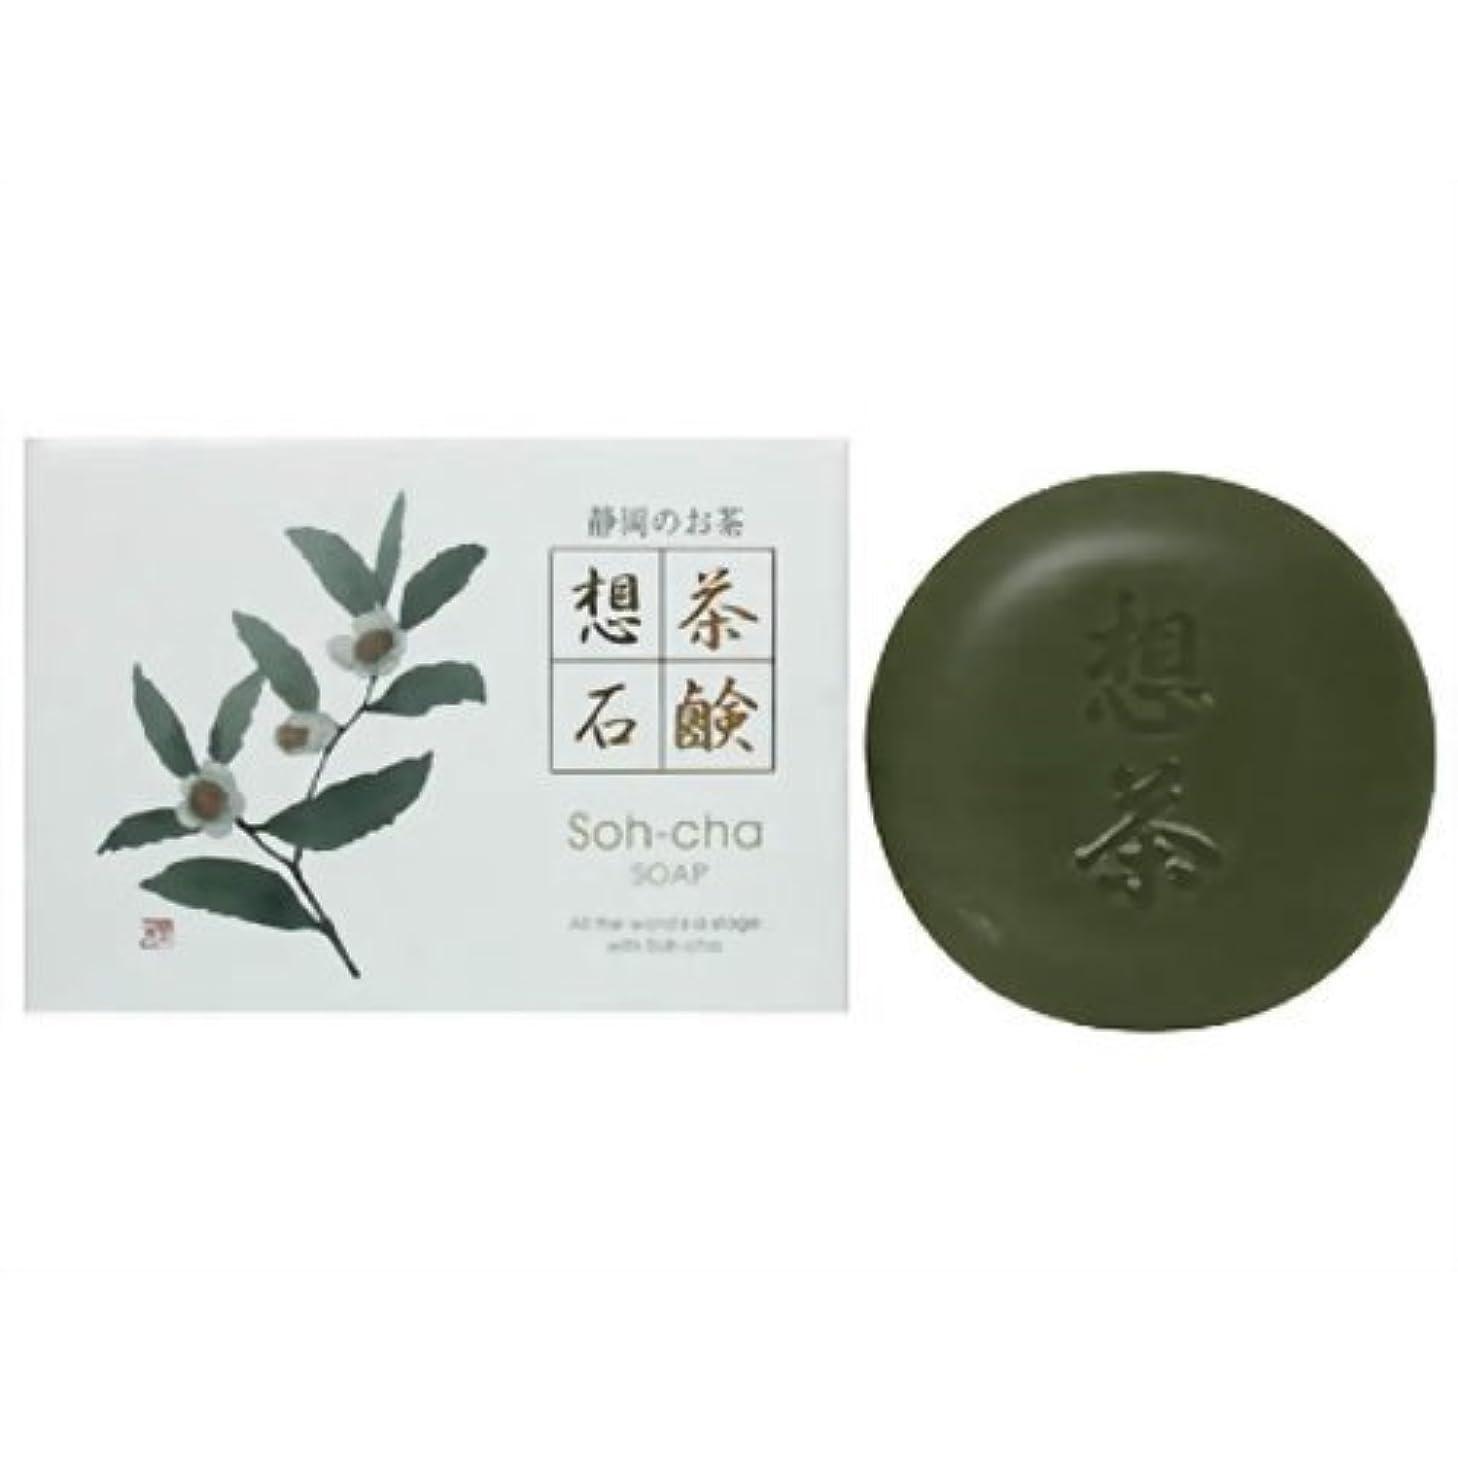 静岡茶粉末入 想茶石鹸